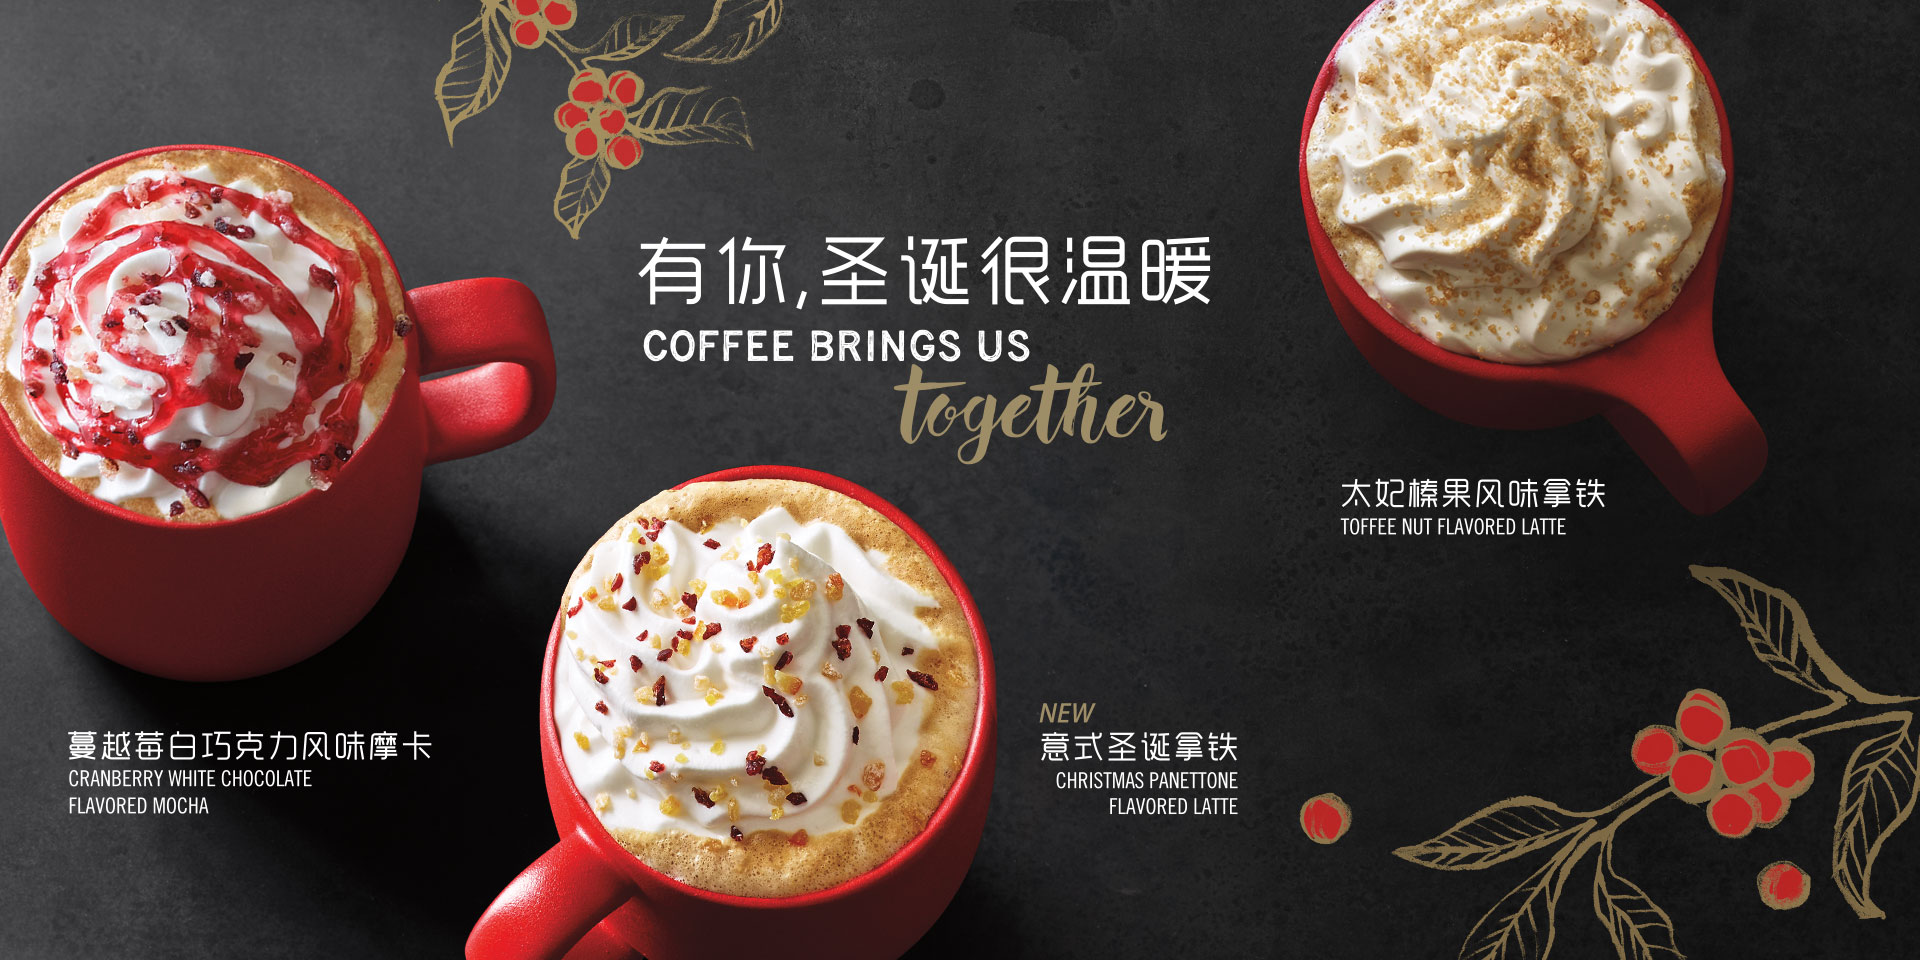 Очень аппетитные Старбакс напитки в Китае. Фото starbucks.com.cn